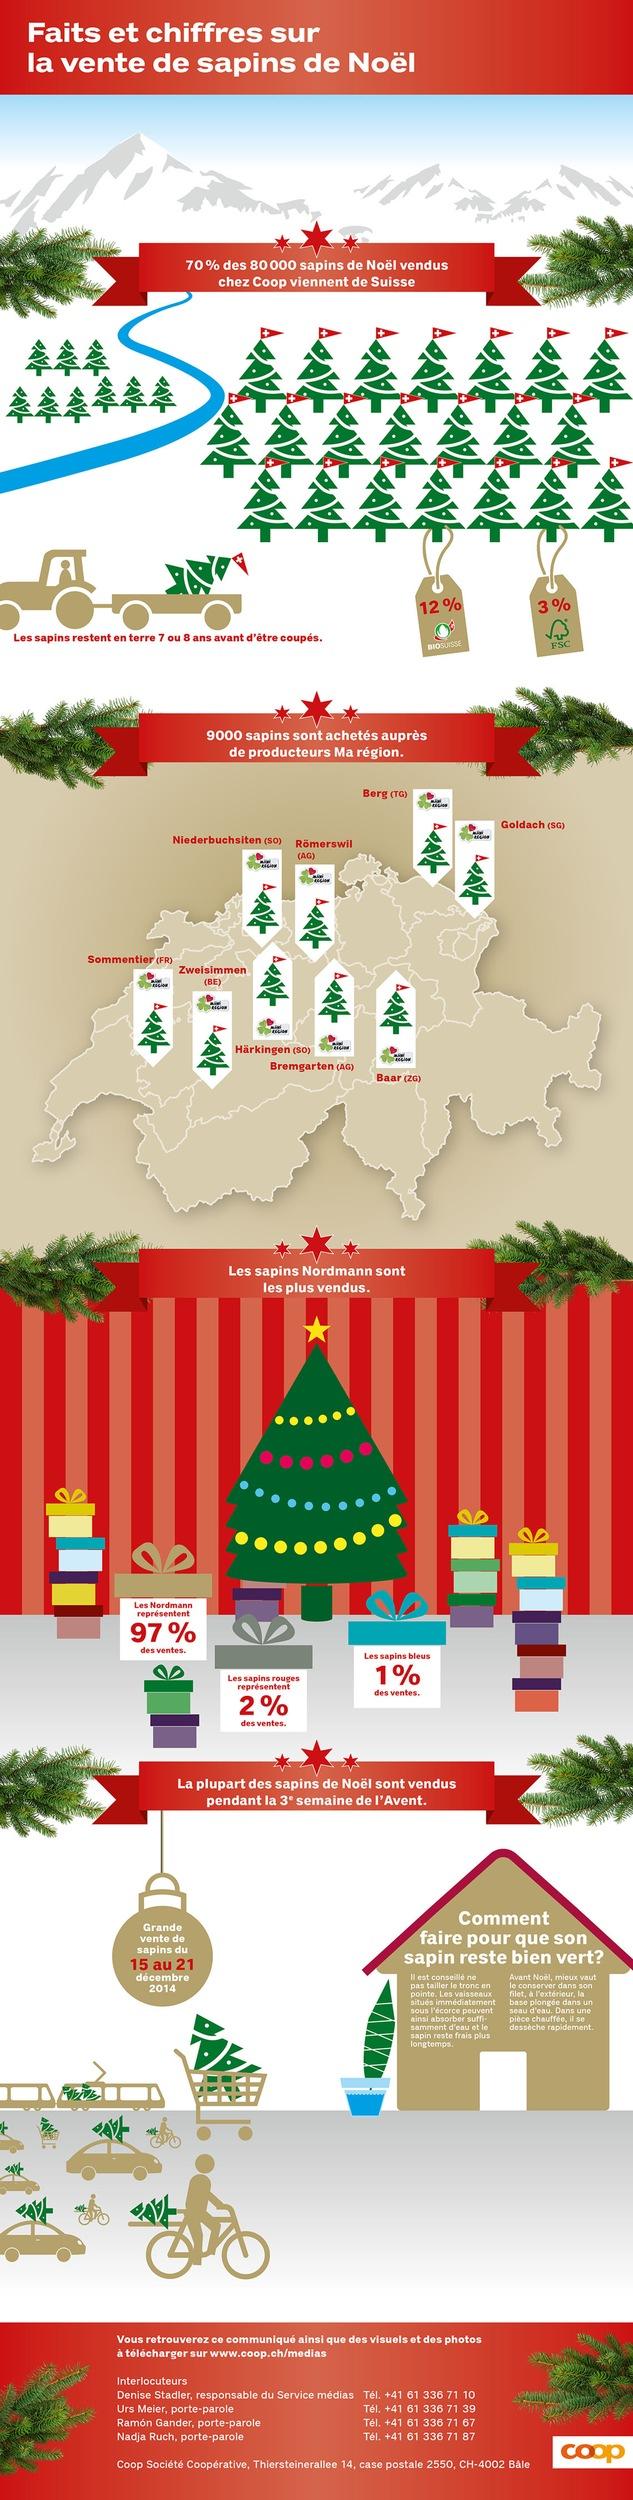 7 sapins de Noël sur 10 proviennent de Suisse / Des paroles aux actes n° 300: Coop mise sur des sapins de Noël suisses